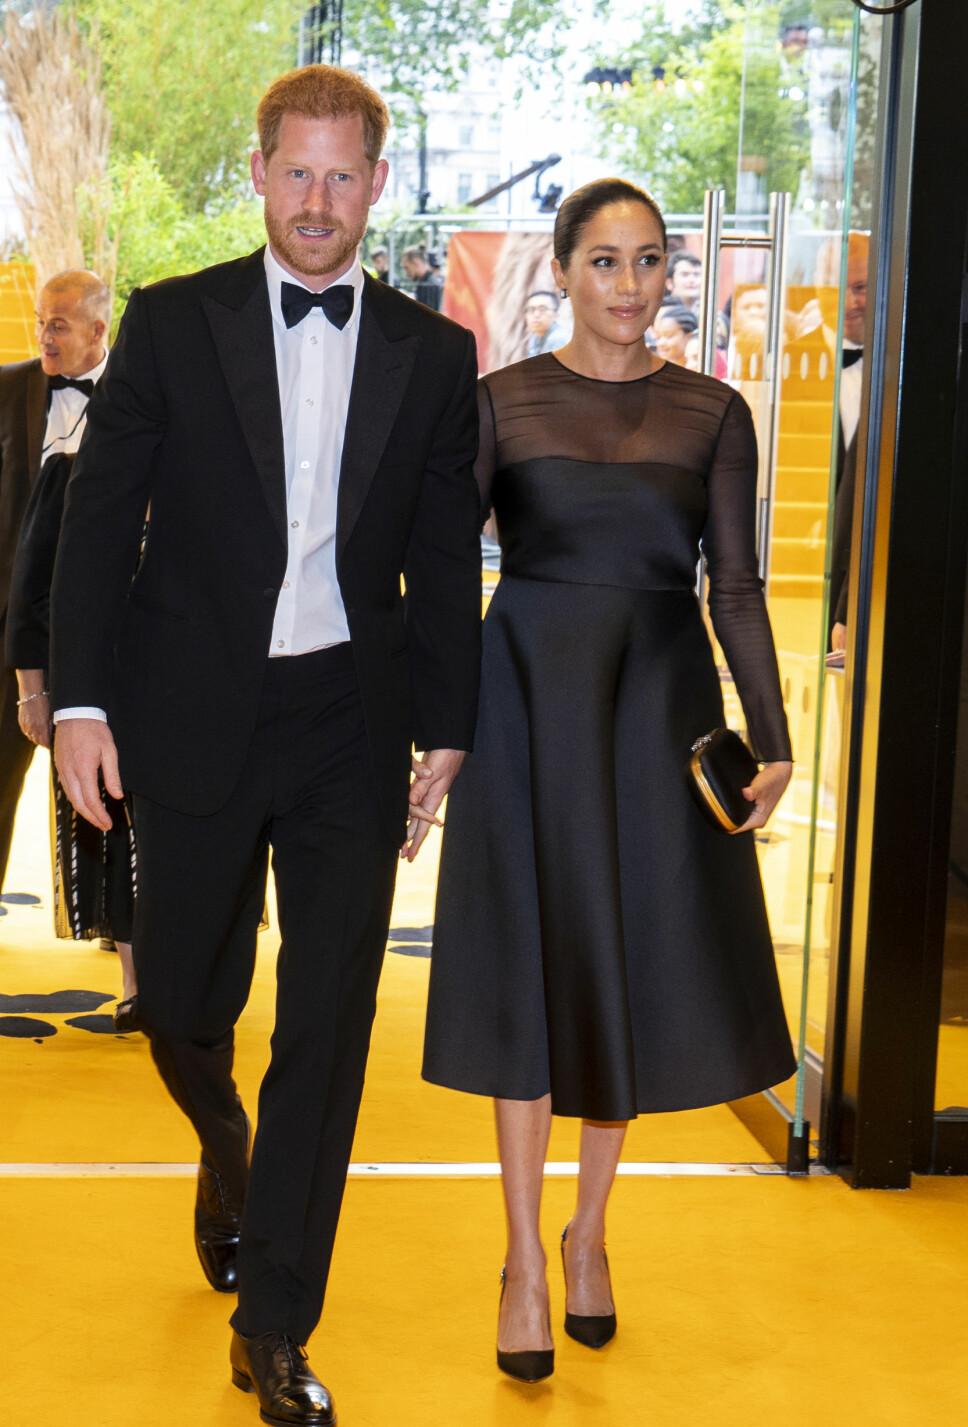 LYKKELIGE: Prins Harry og hertuginne Meghan er fast bestemt på at ingen hatmeldinger eller ondsinnede medieoppslag skal få ødelegge deres kjærlighet.